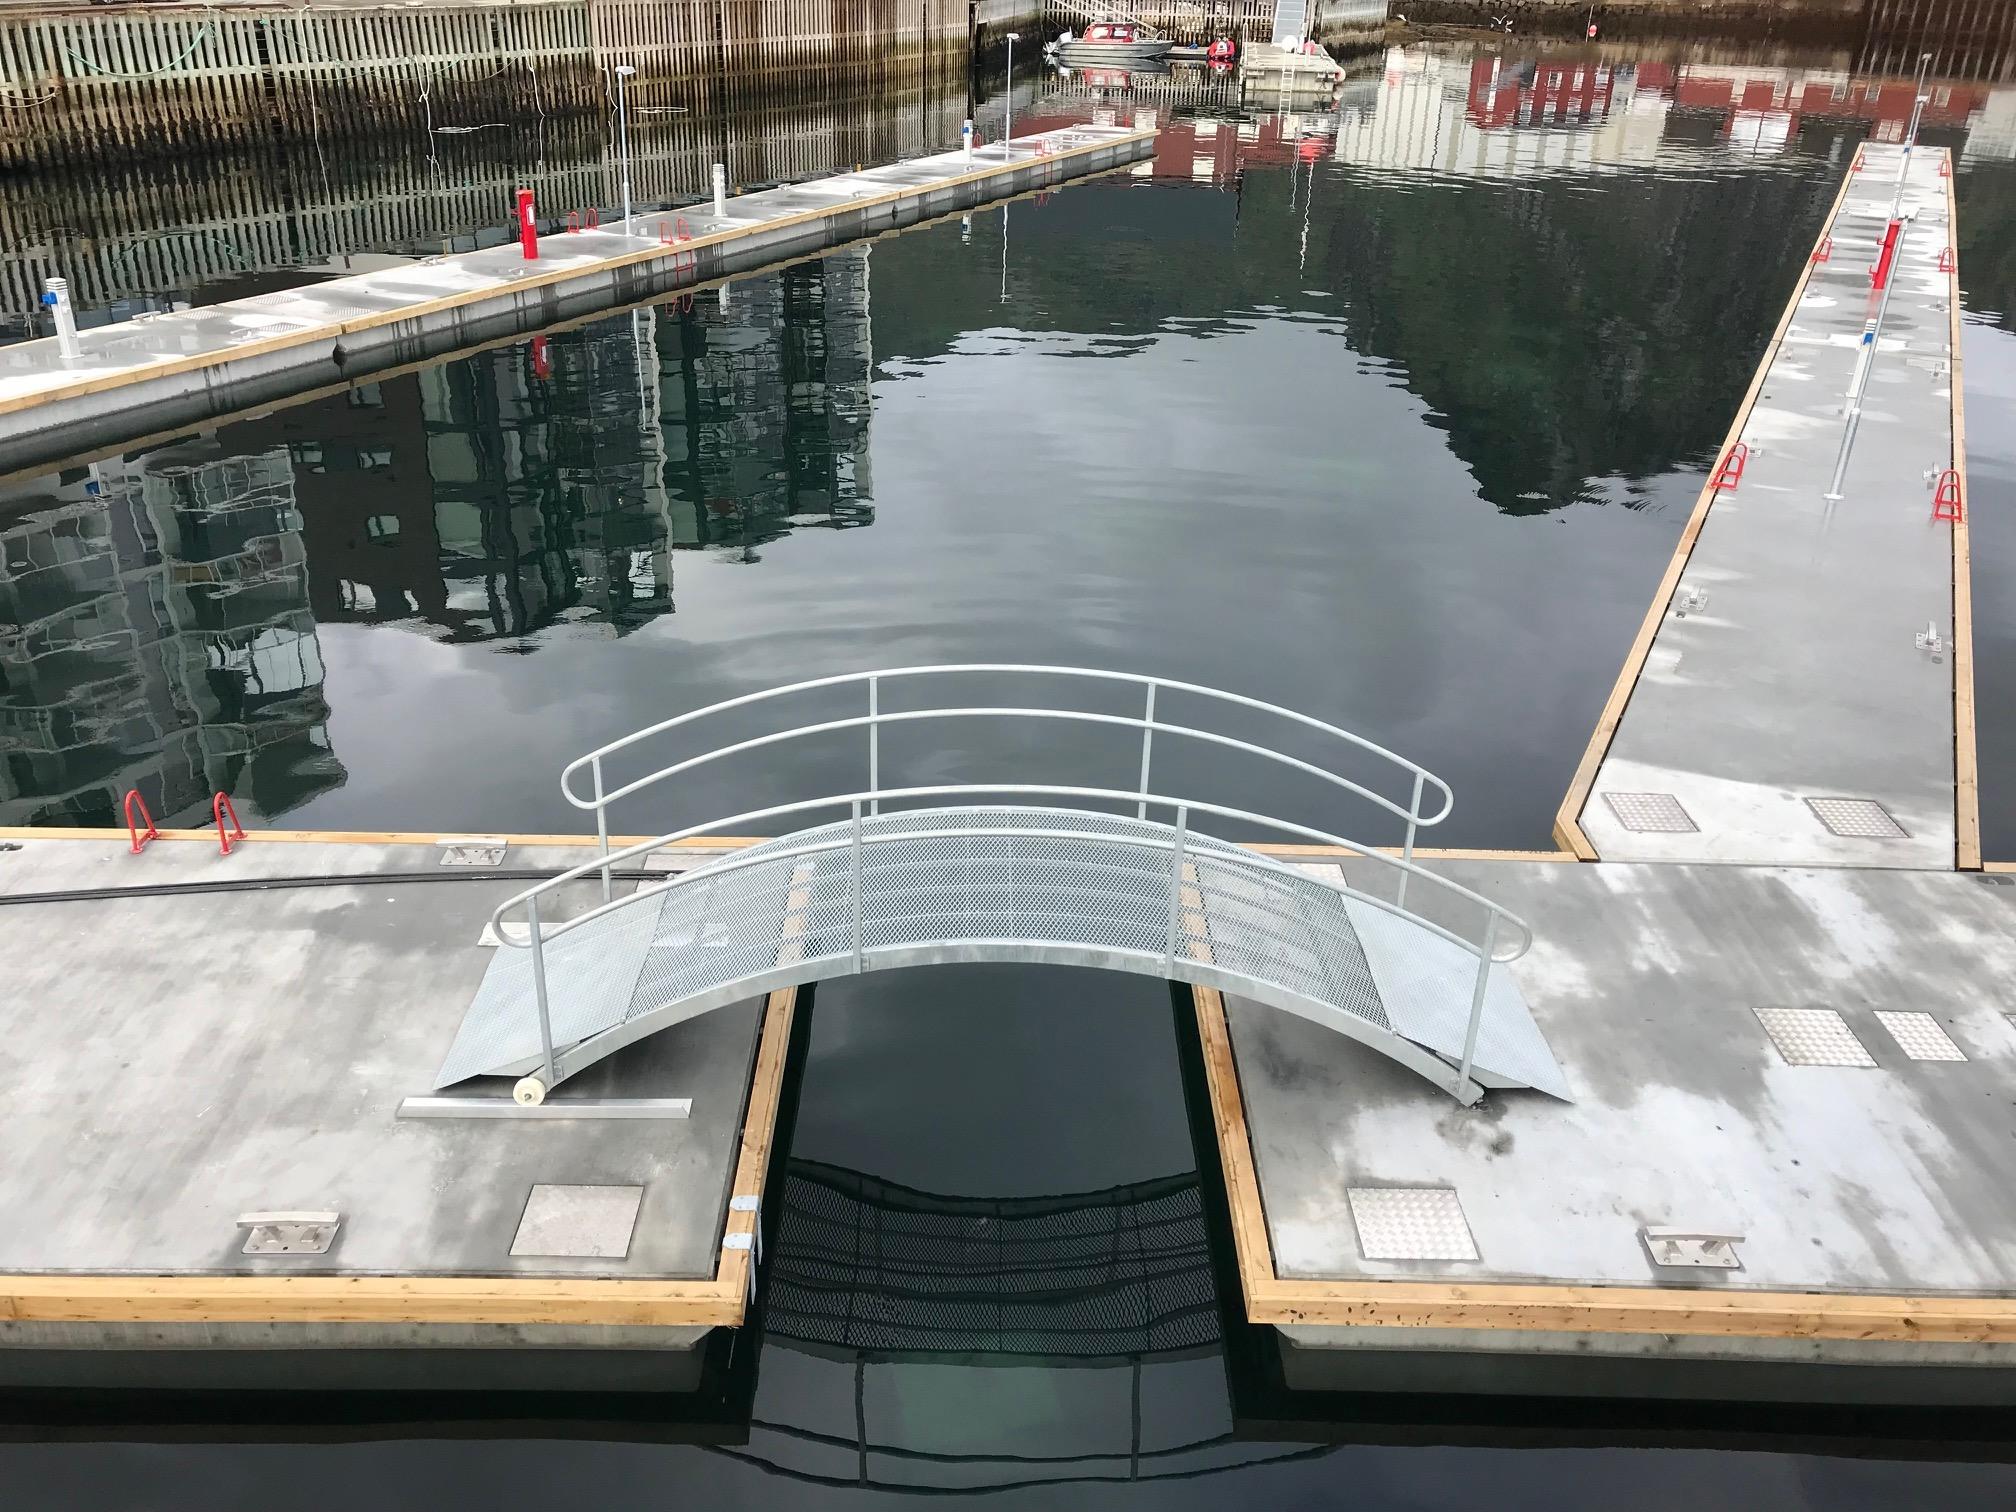 https://marinasolutions.no/uploads/Svolvær-Marina-solutions-flytebrygger-5.jpg